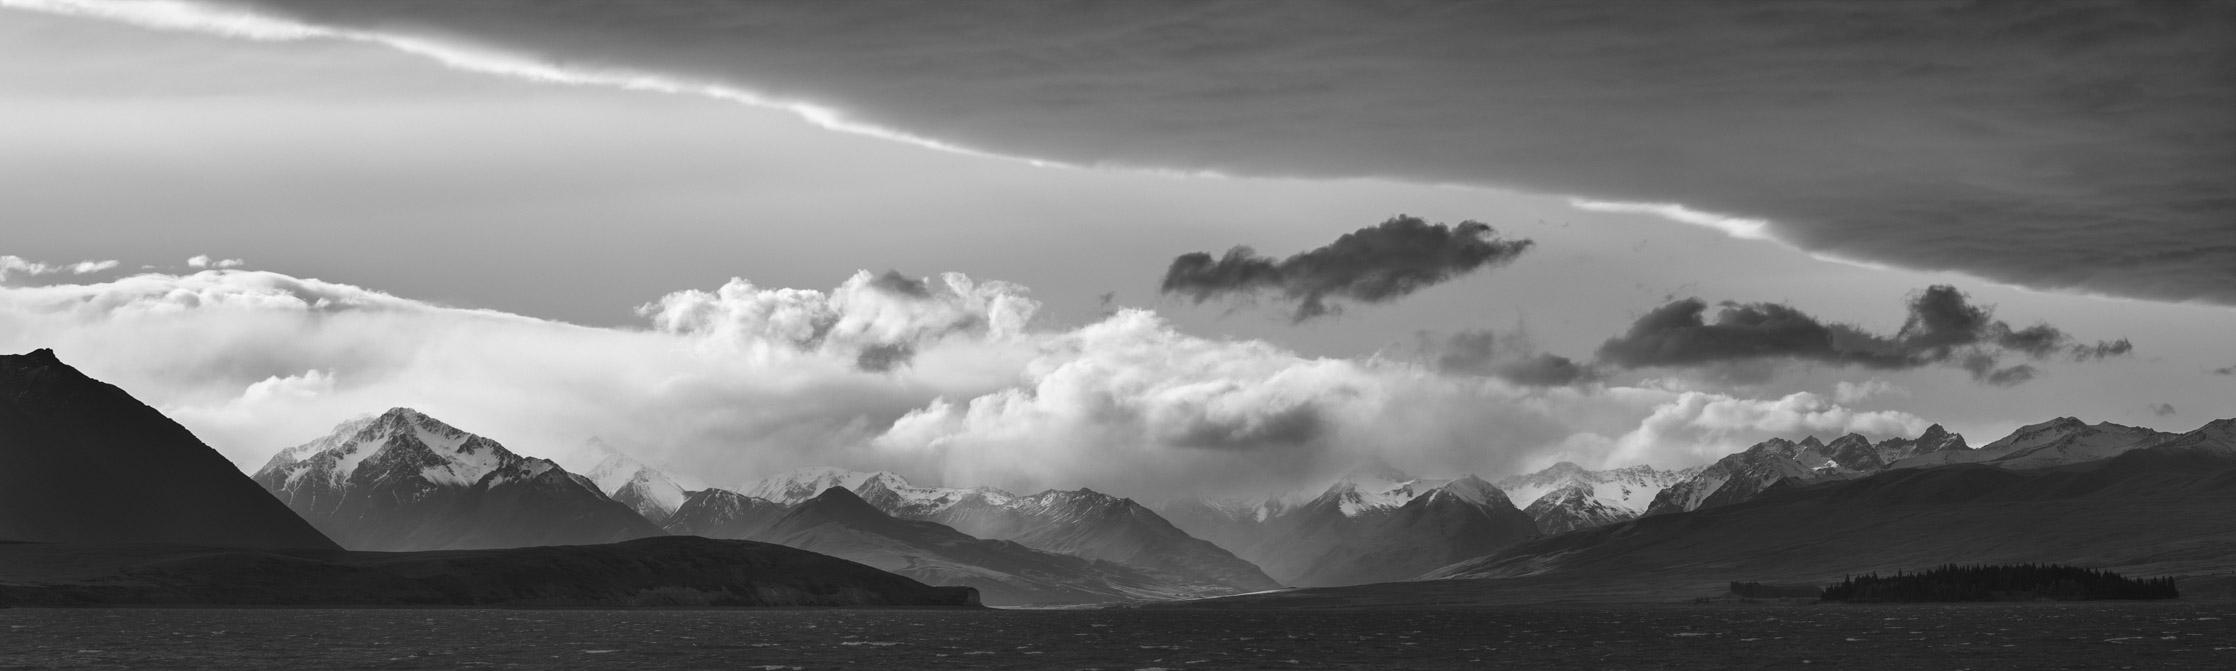 16,000 BHT 40x12'' panorama.jpg